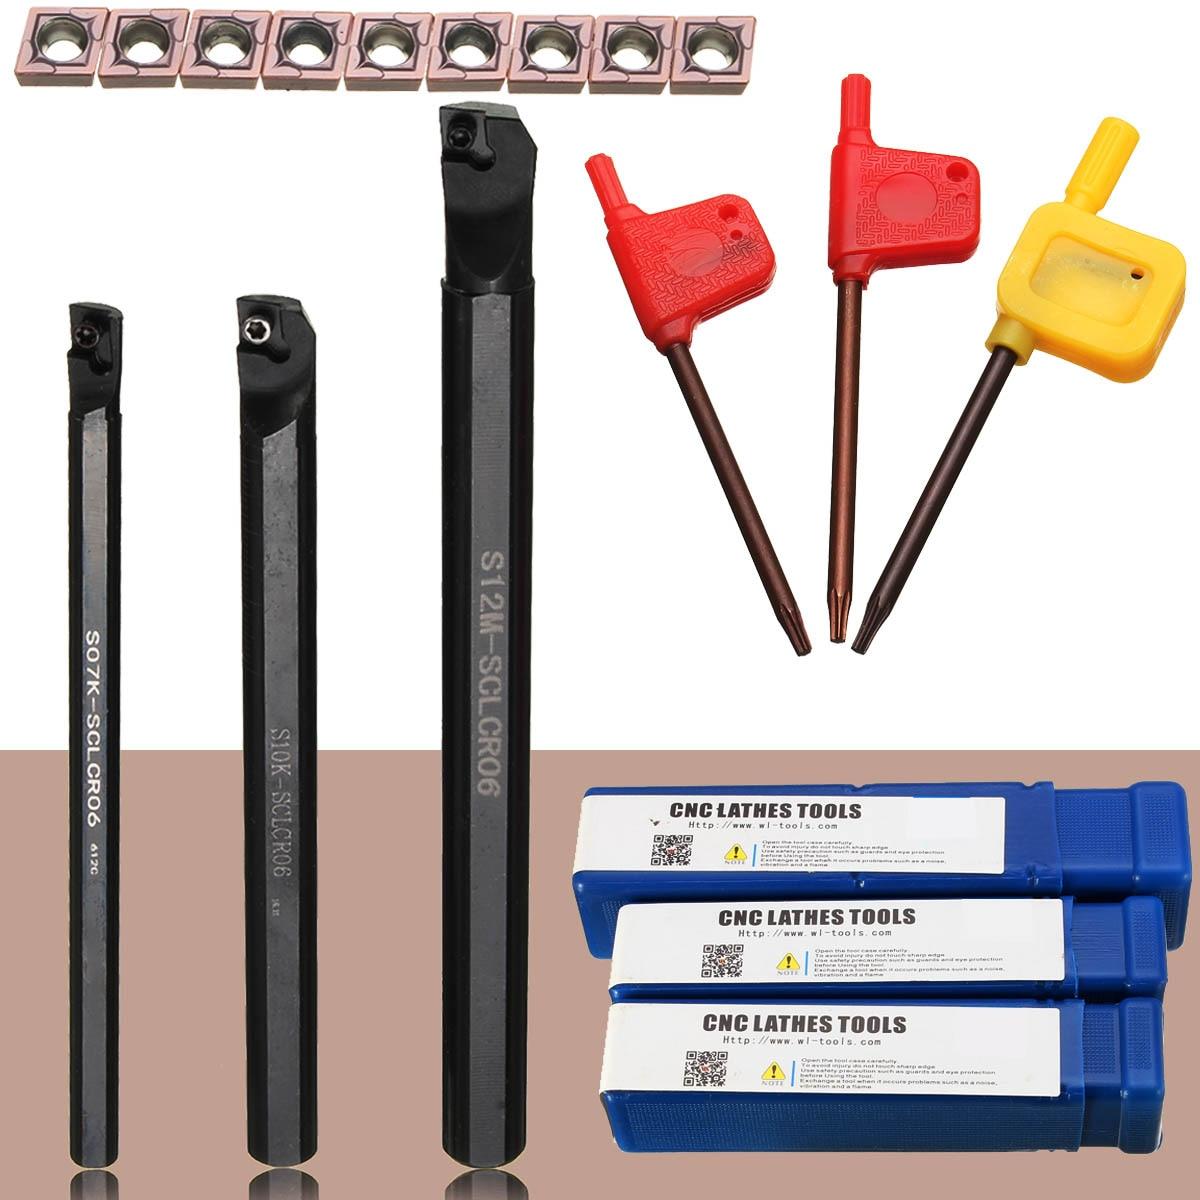 1 piezas S07K-SCLCR06 + 1 piezas S10K-SCLCR06 + 1 piezas S12M-SCLCR06 torno titular de la herramienta de torneado aburrido Bar 7/10 /12mm + 10 piezas CCMT0602 insertos